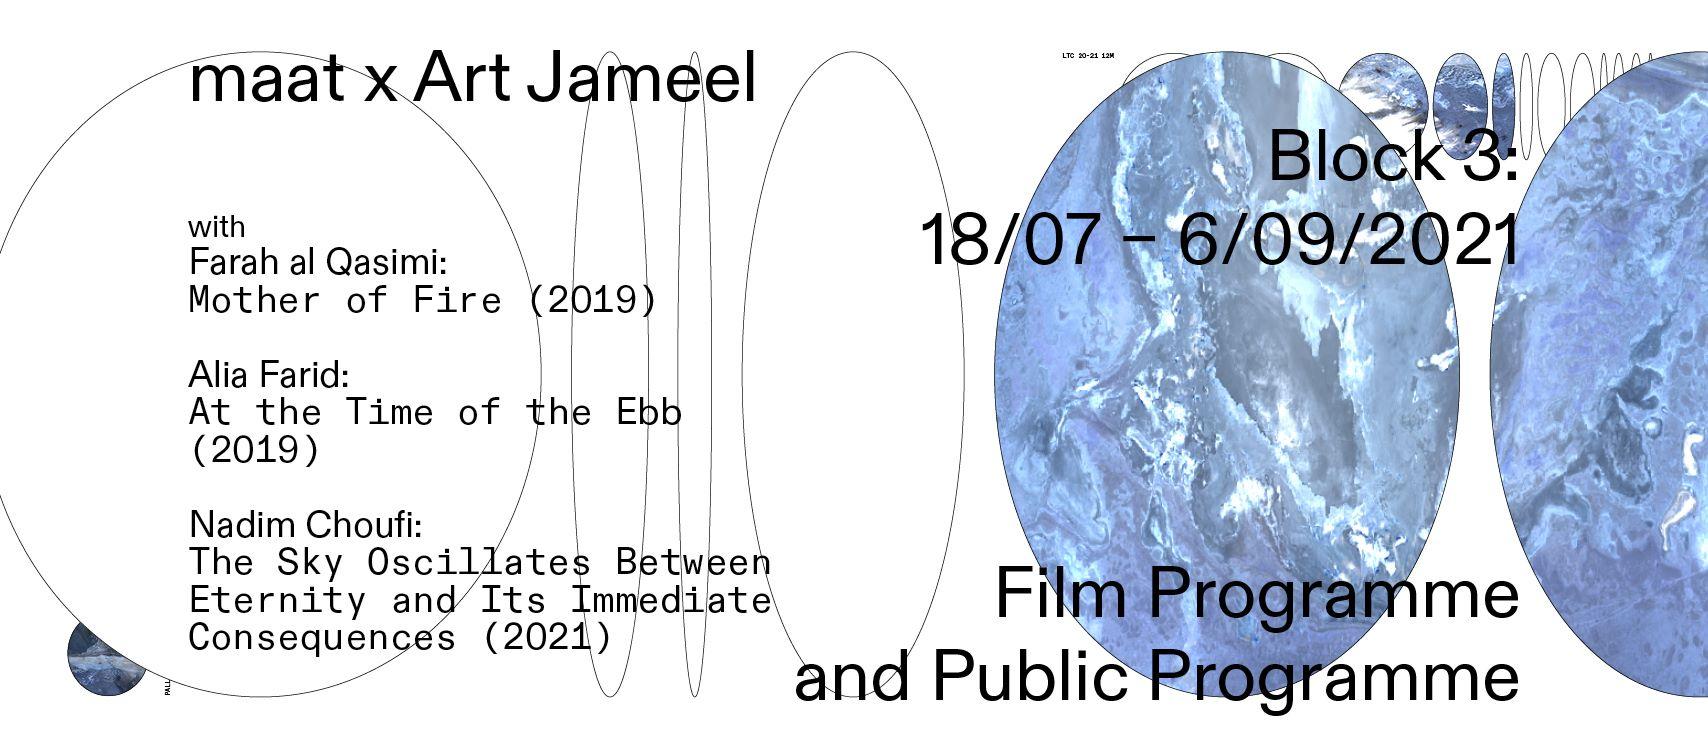 maat x Art Jameel – Film Programme : Block 3